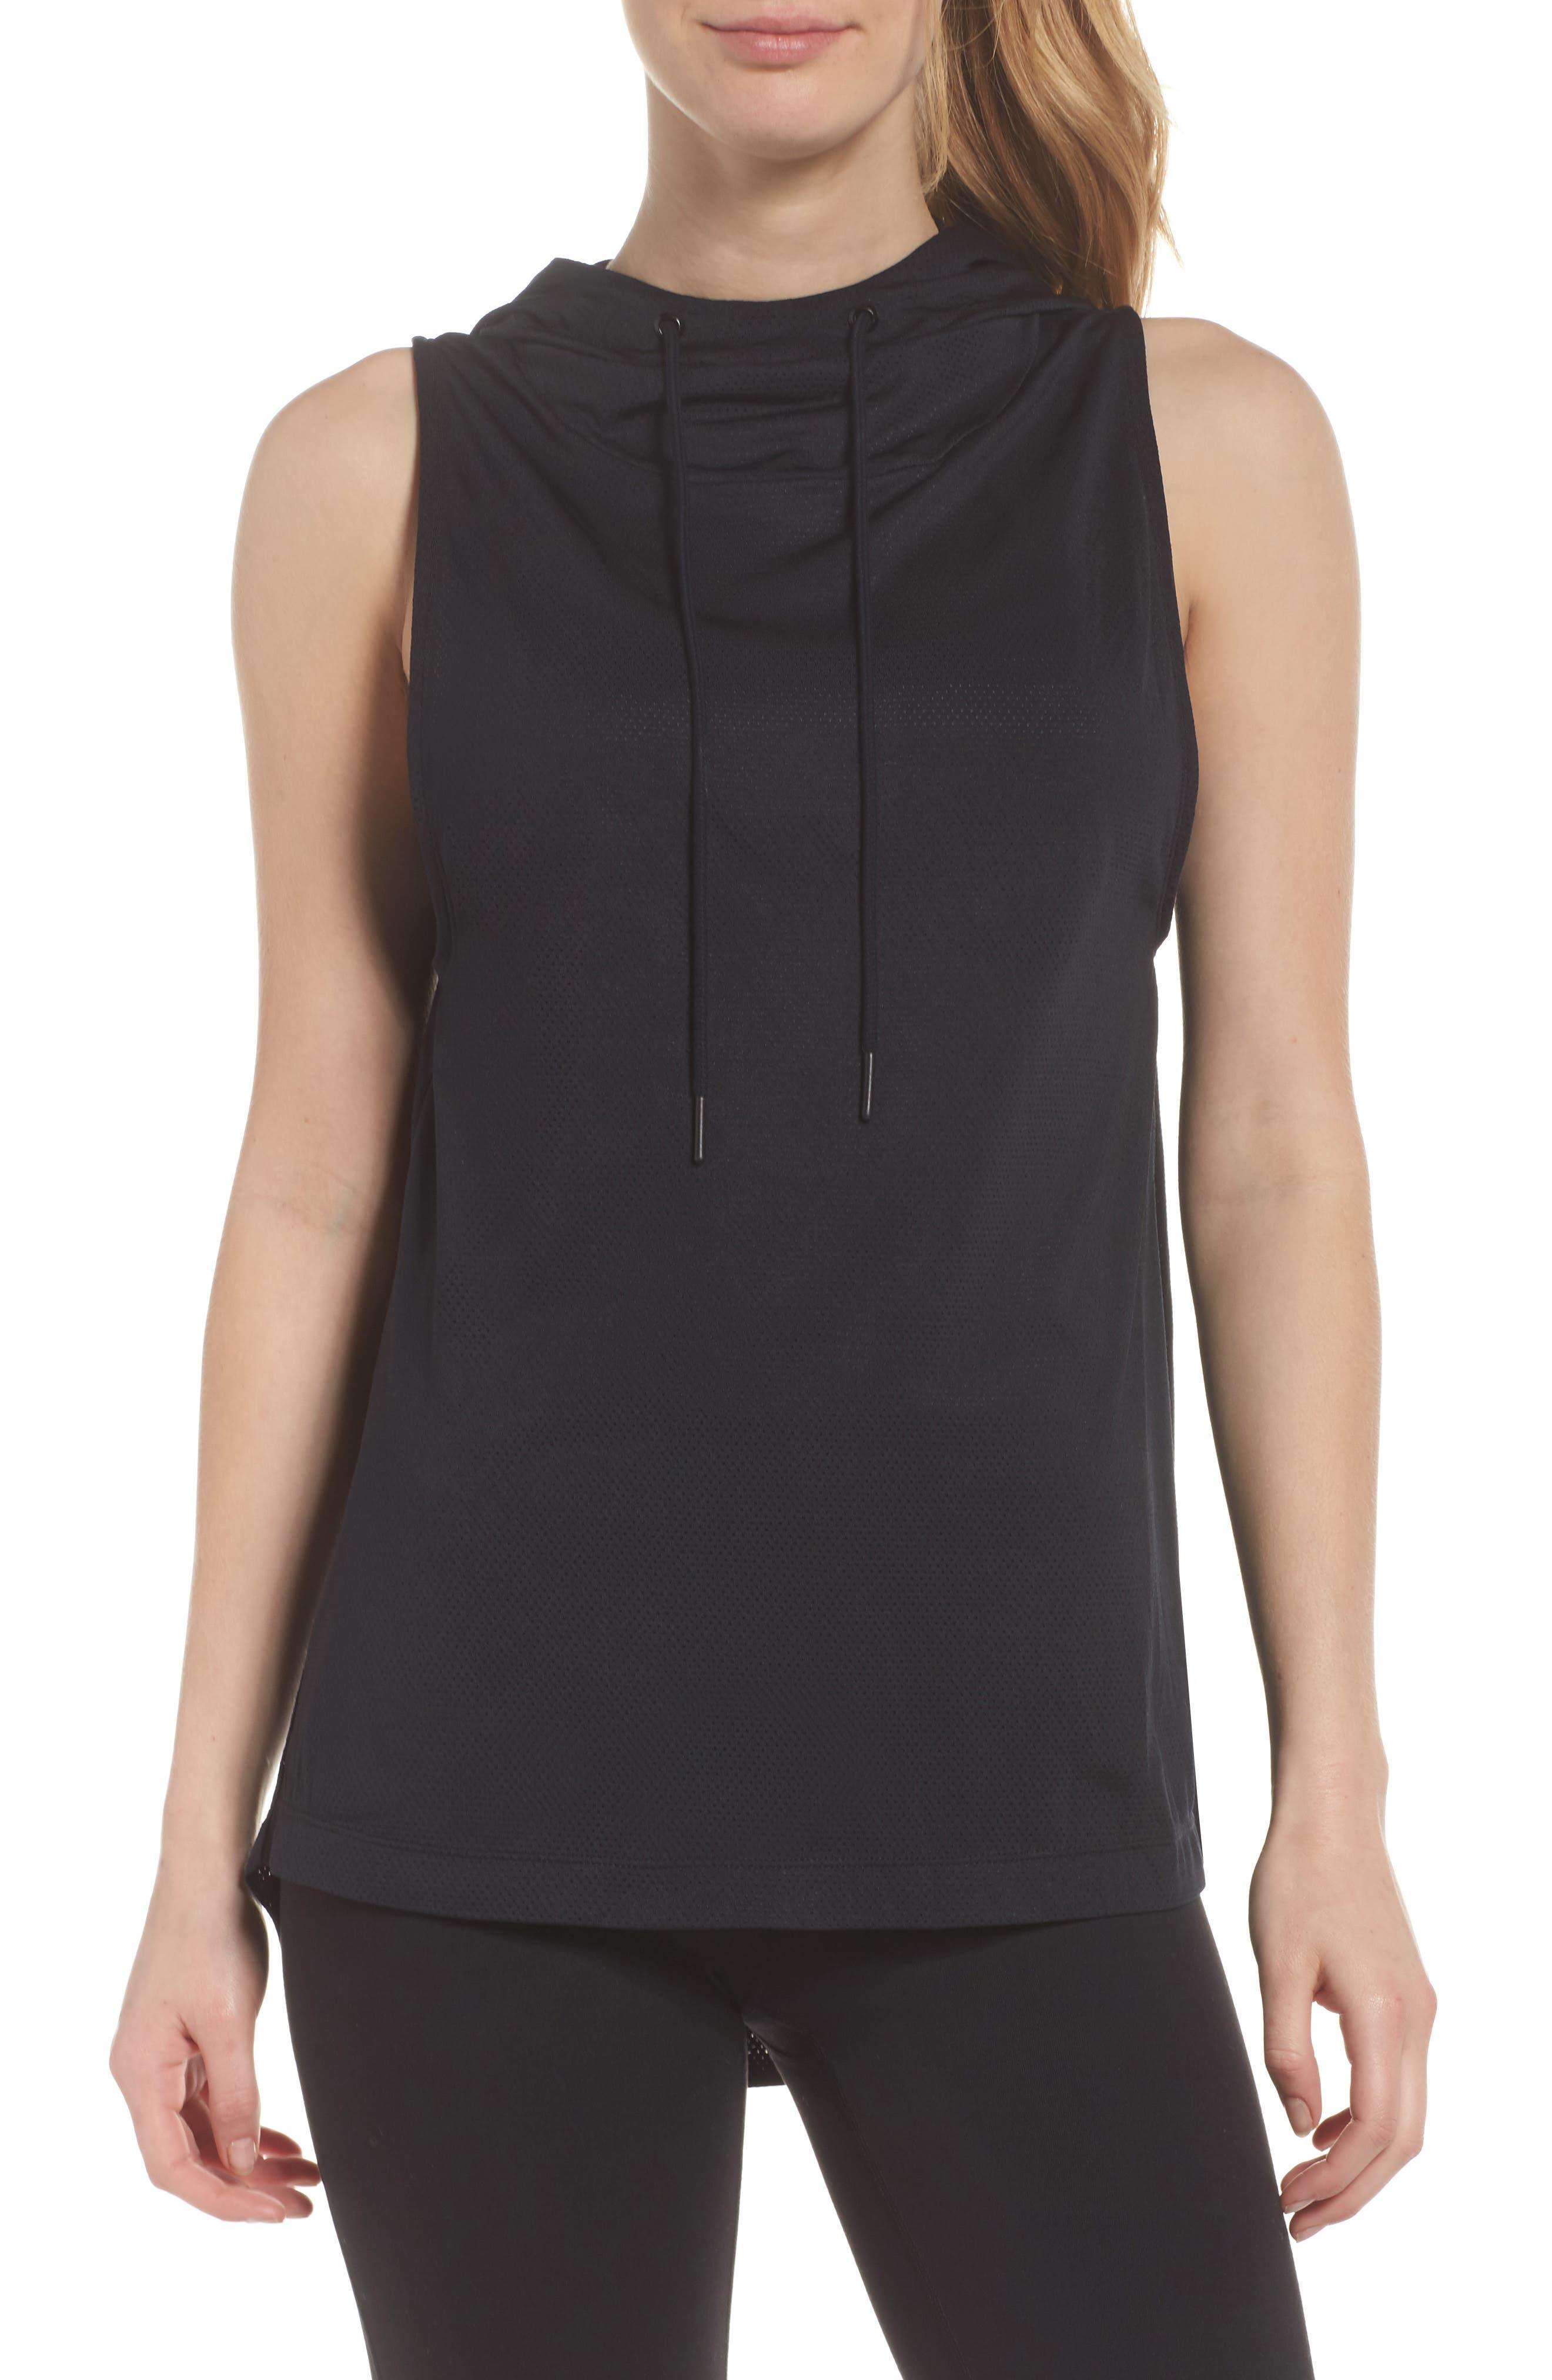 Endurance Hoodie Vest,                             Main thumbnail 1, color,                             Black